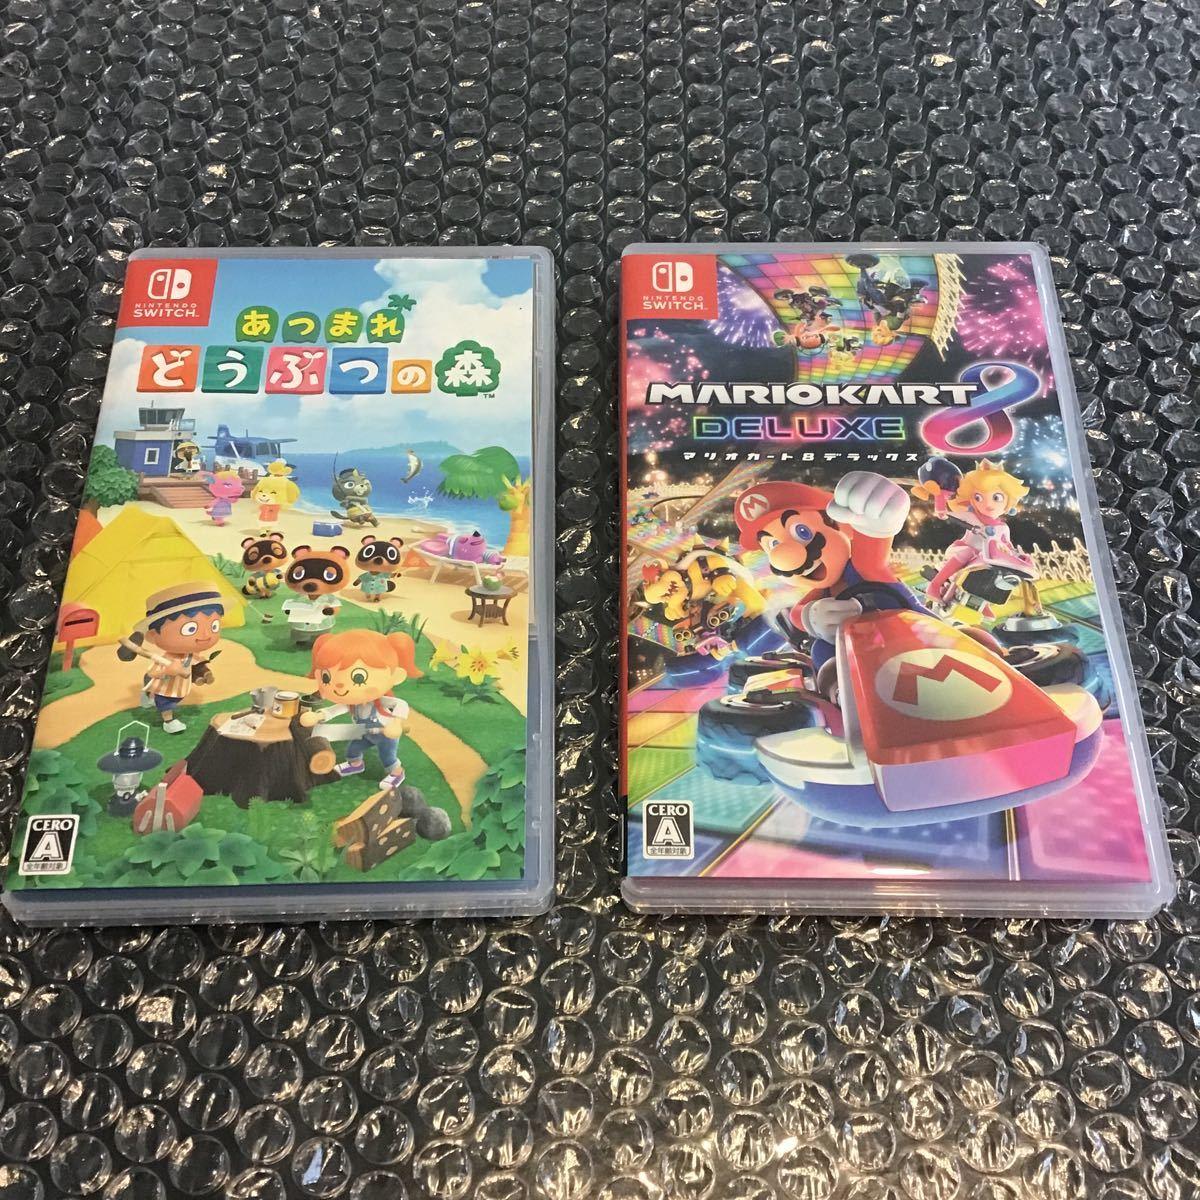 あつまれどうぶつの森 + マリオカート8デラックス Nintendo Switch 全国送料無料!ニンテンドースイッチ ソフト 追跡あり。美品。_画像1